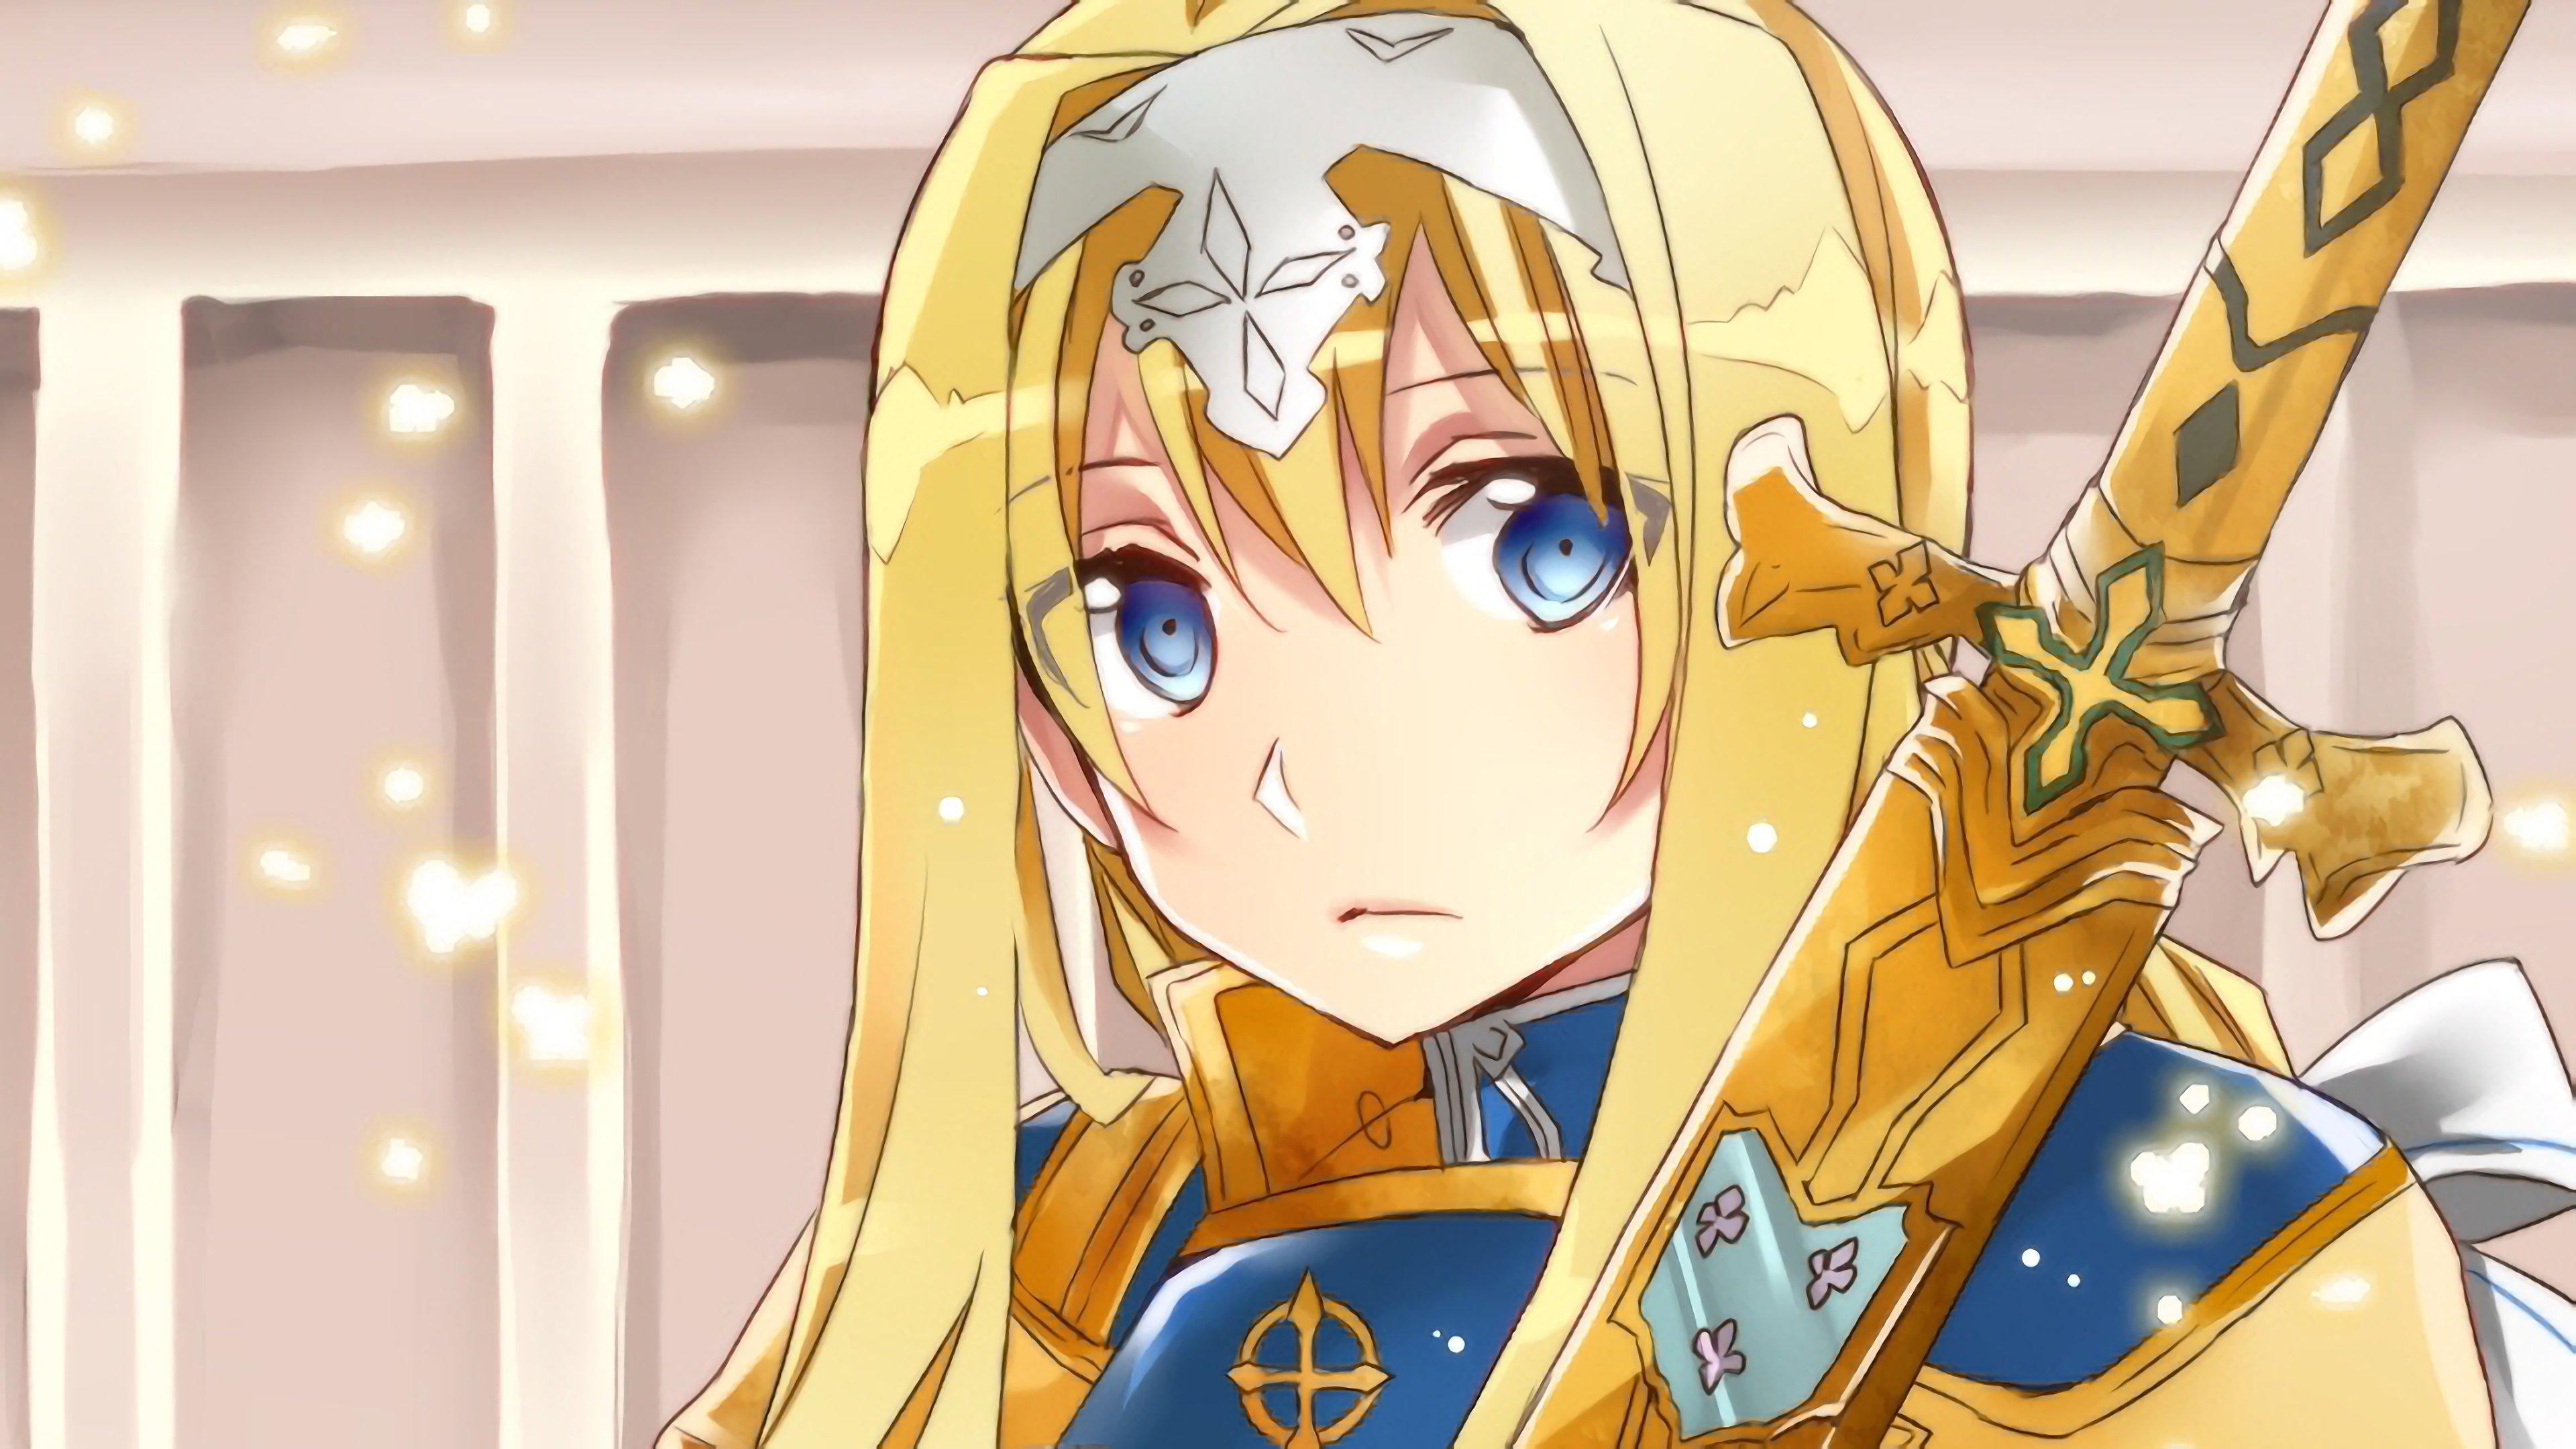 Fondos de pantalla Anime Sword art personaje Ali Sao